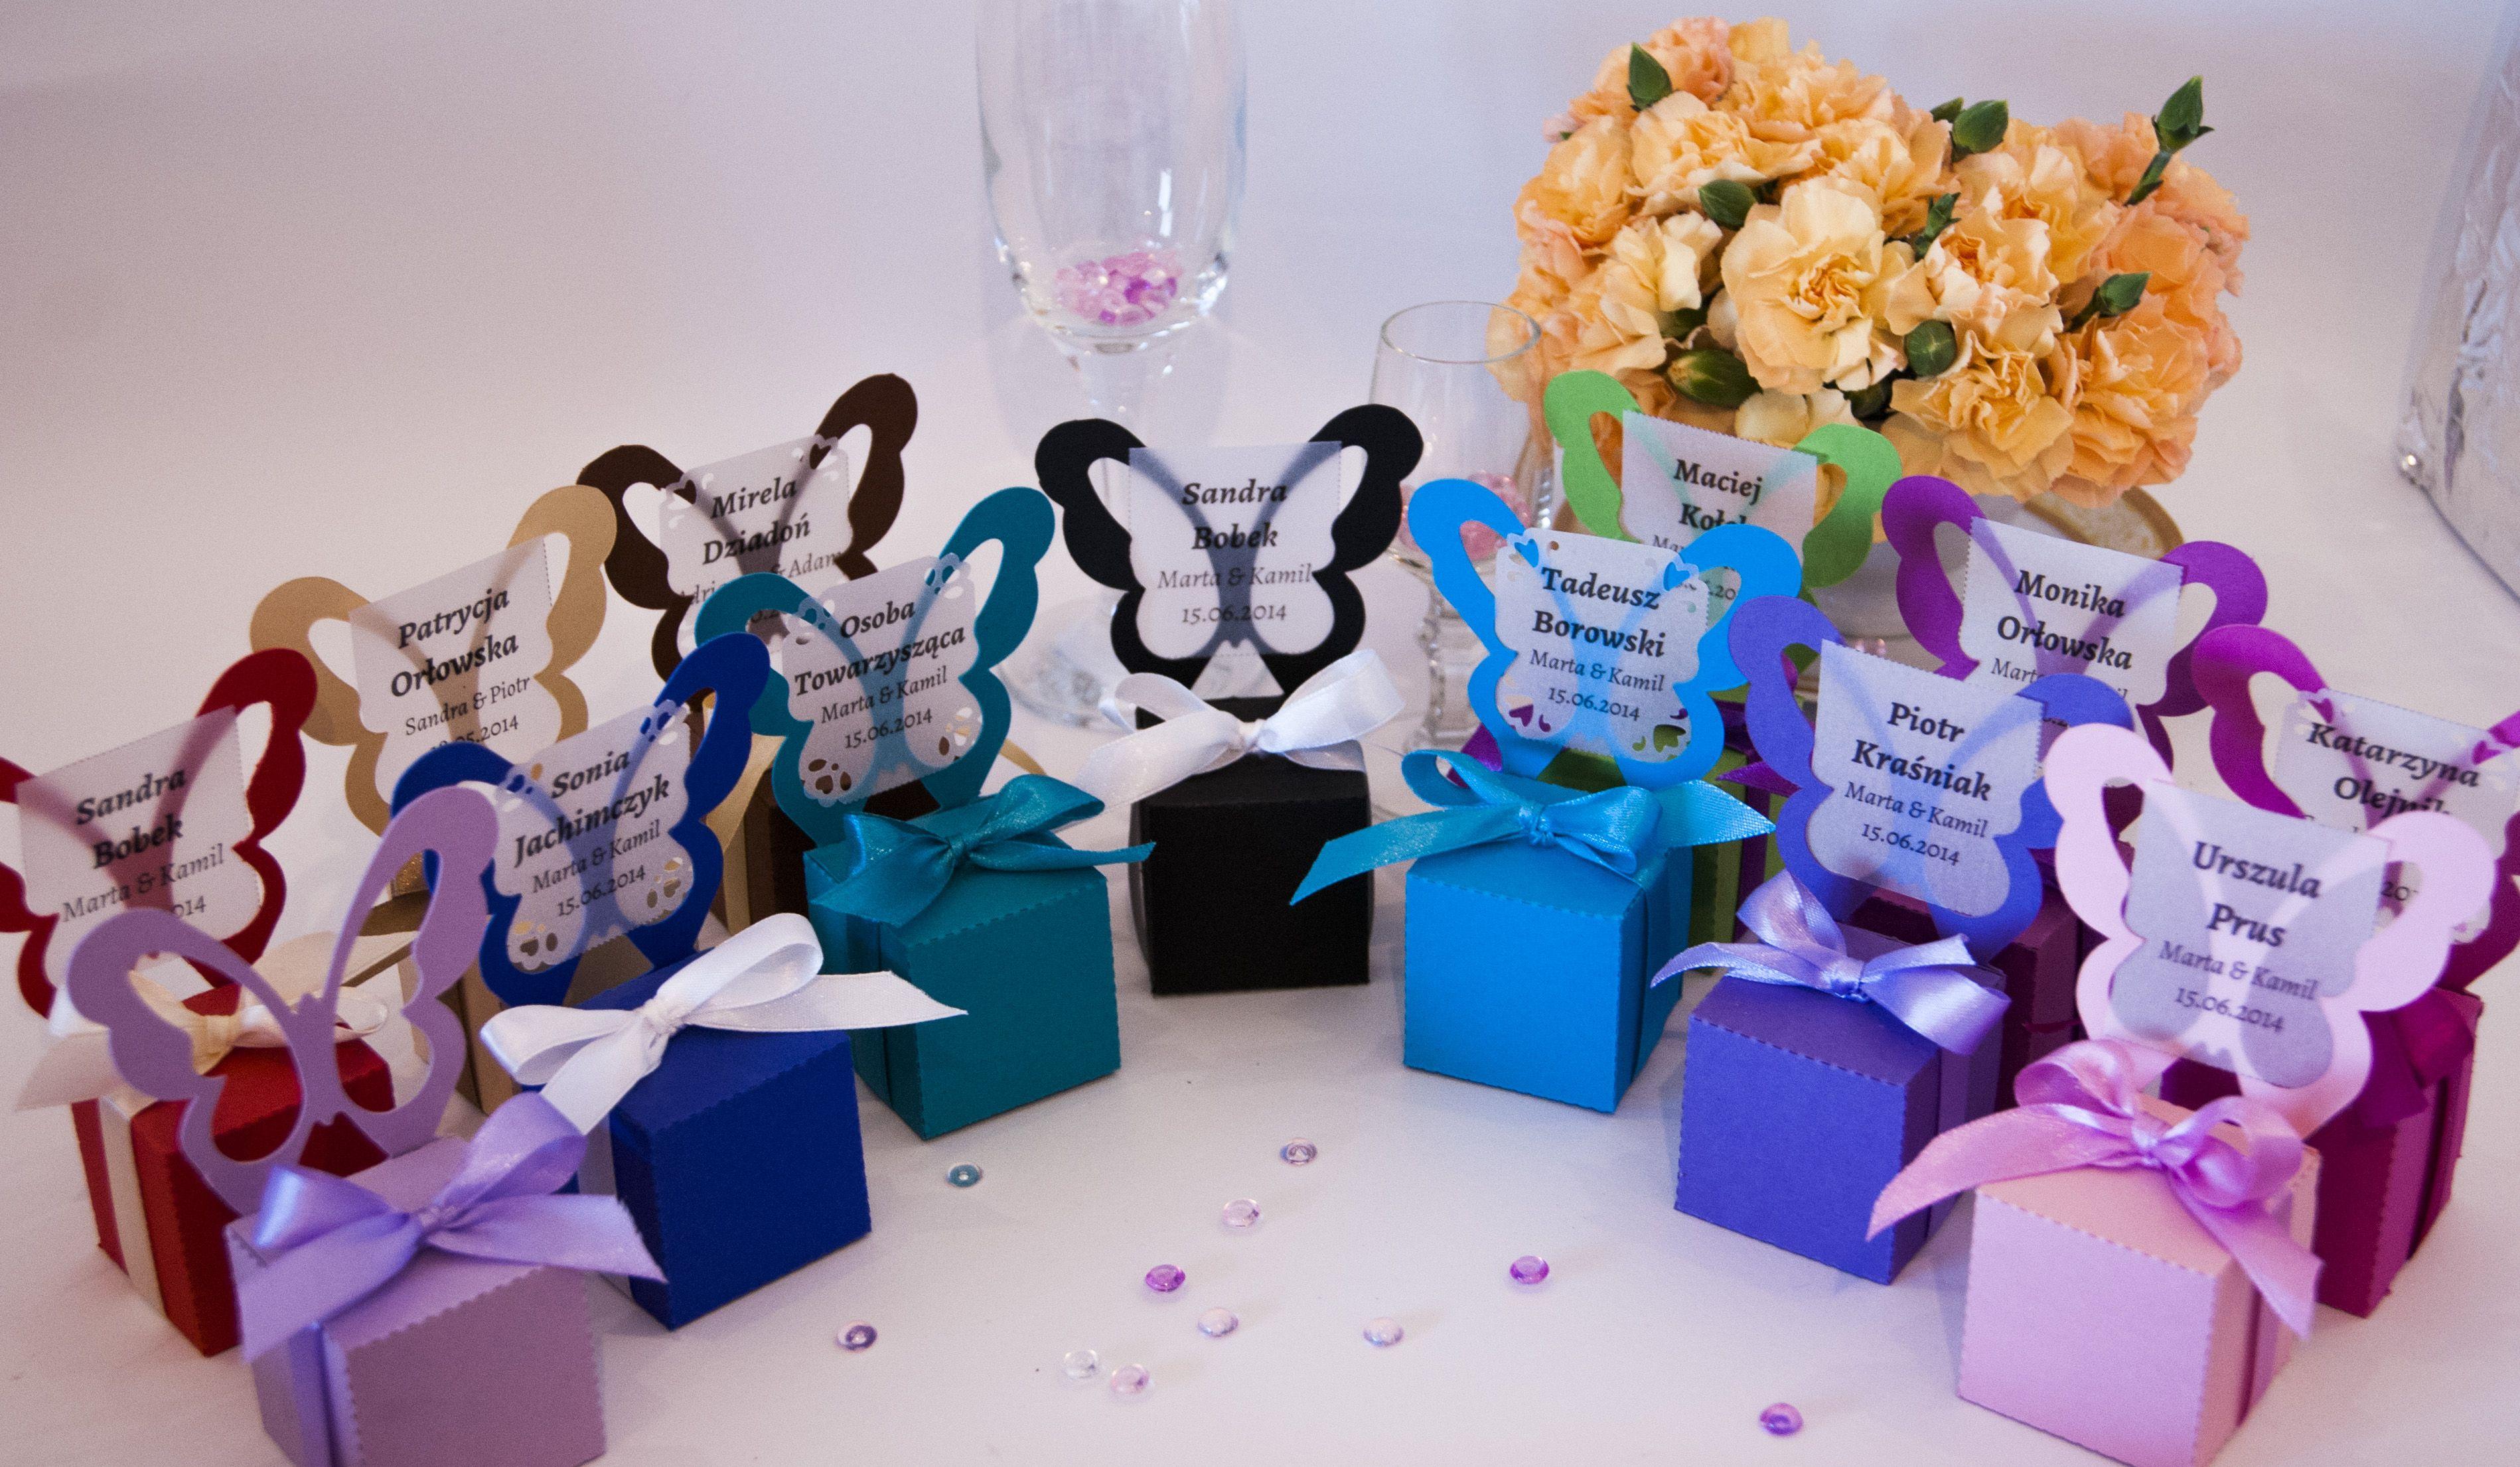 Login Allegro Slub Marzen Gg 48782731 Zapraszam Winietki Krzeselka Podziekowania Pudeleczka Slub Inspiracje Sl Wedding Boxes Box Template Diy Butterfly